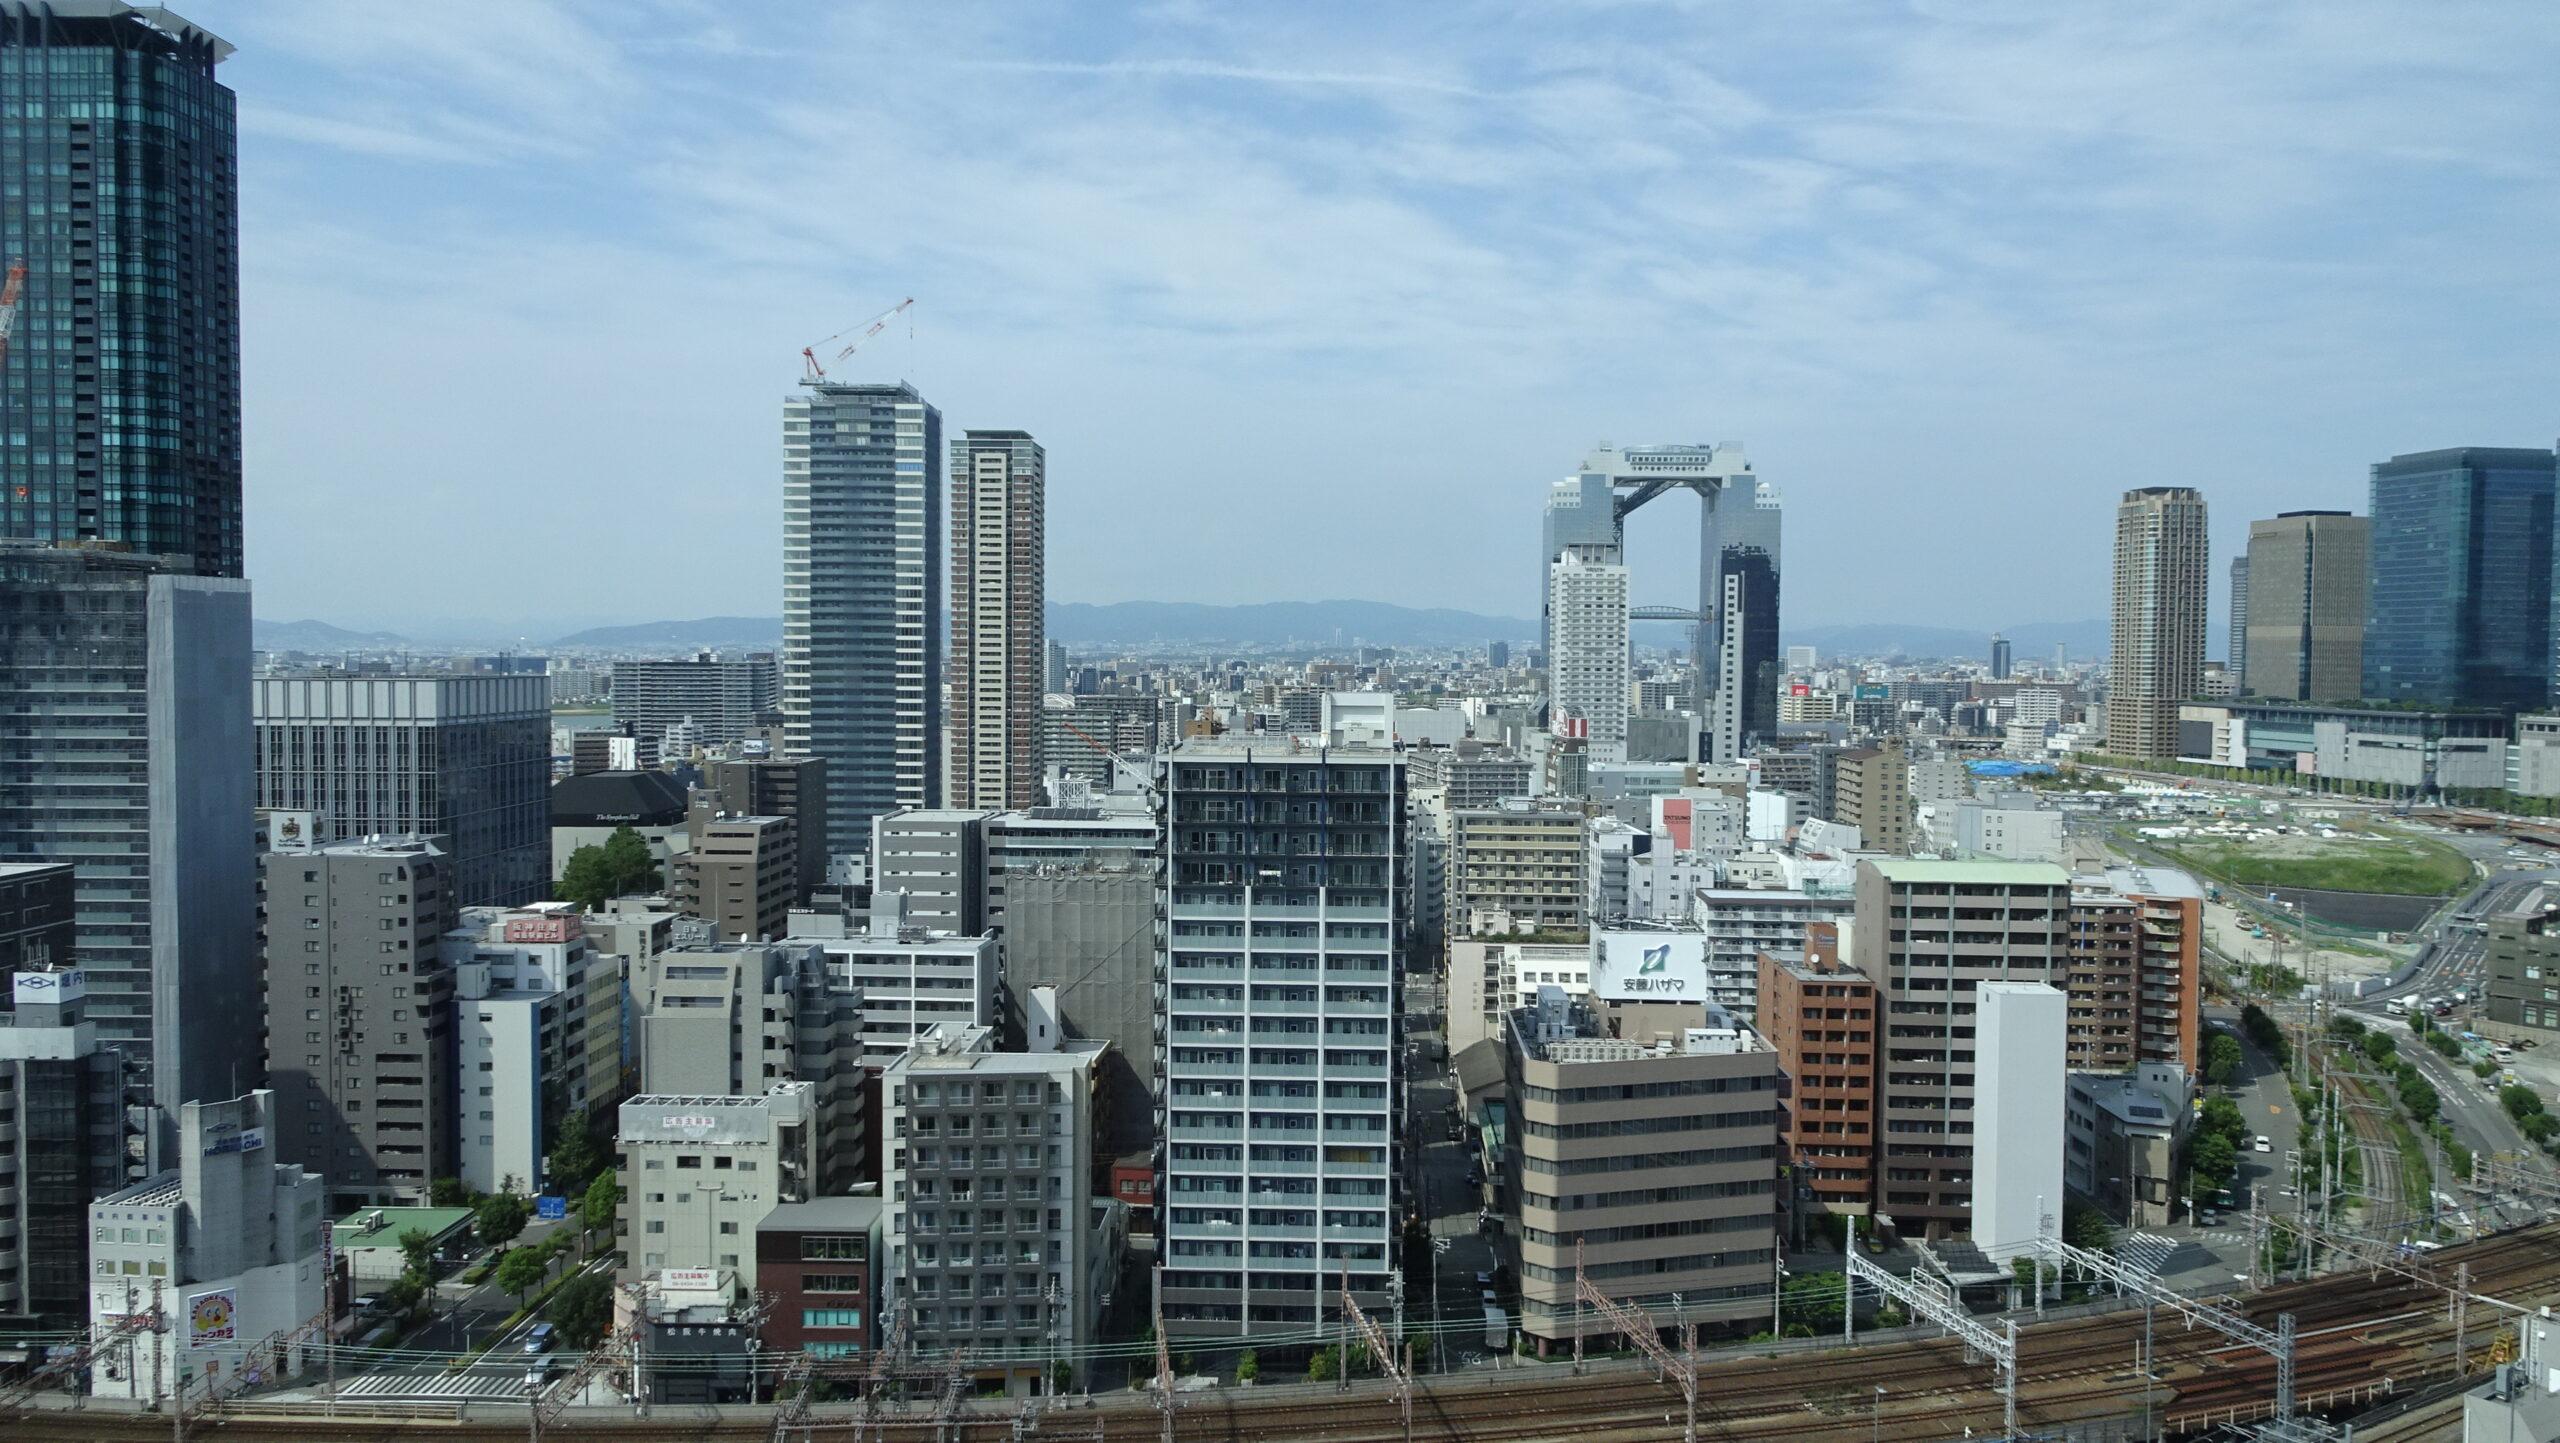 ホテル阪神大阪の景色